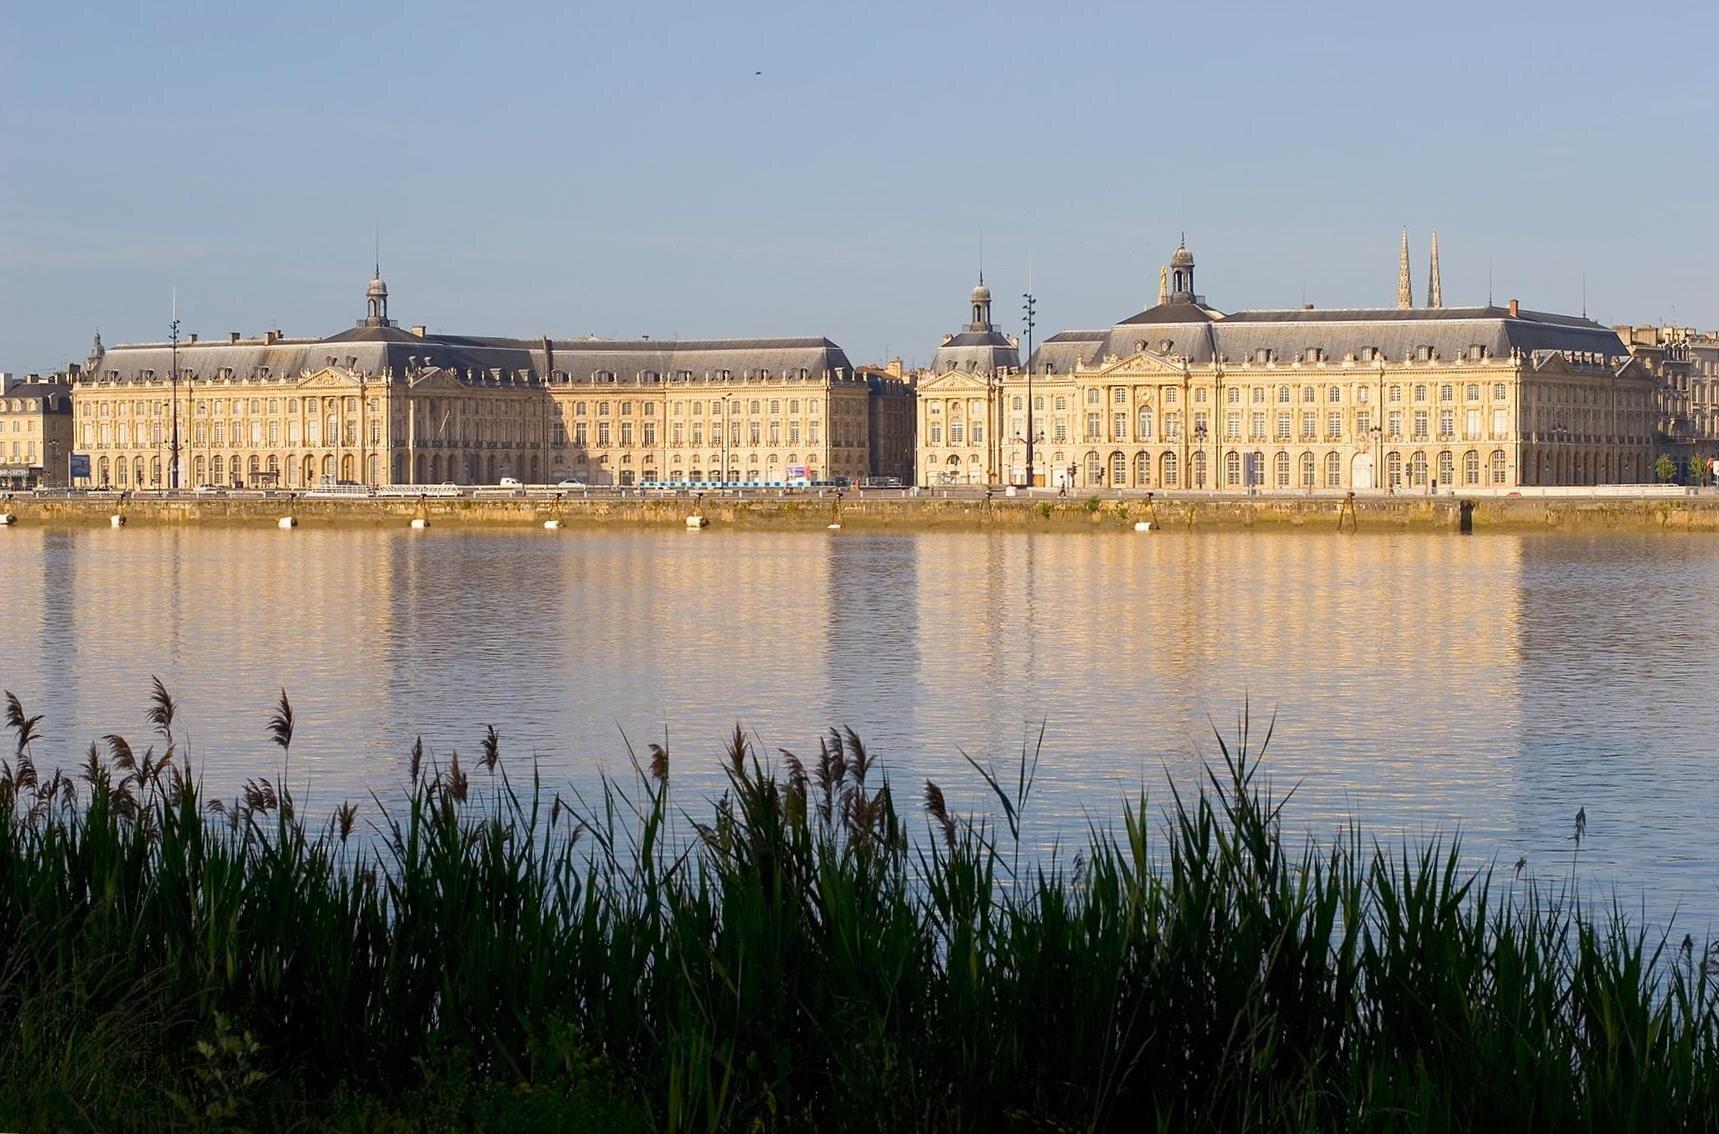 Nabrzeża Garonny, portu wBordeaux, zwielkimi gmachami tzw. giełdy.Wzniesiony wlatach 1735-1738 przez znanego architekta Ange-JacquesGabriela (znany przede wszystkim zpałacyku Petit Trianon dla Madame de Pompadour). Nabrzeża Garonny, portu wBordeaux, zwielkimi gmachami tzw. giełdy.Wzniesiony wlatach 1735-1738 przez znanego architekta Ange-JacquesGabriela (znany przede wszystkim zpałacyku Petit Trianon dla Madame de Pompadour). Źródło: Olivier Aumage, 2005, Wikimedia Commons, licencja: CC BY-SA 2.0.